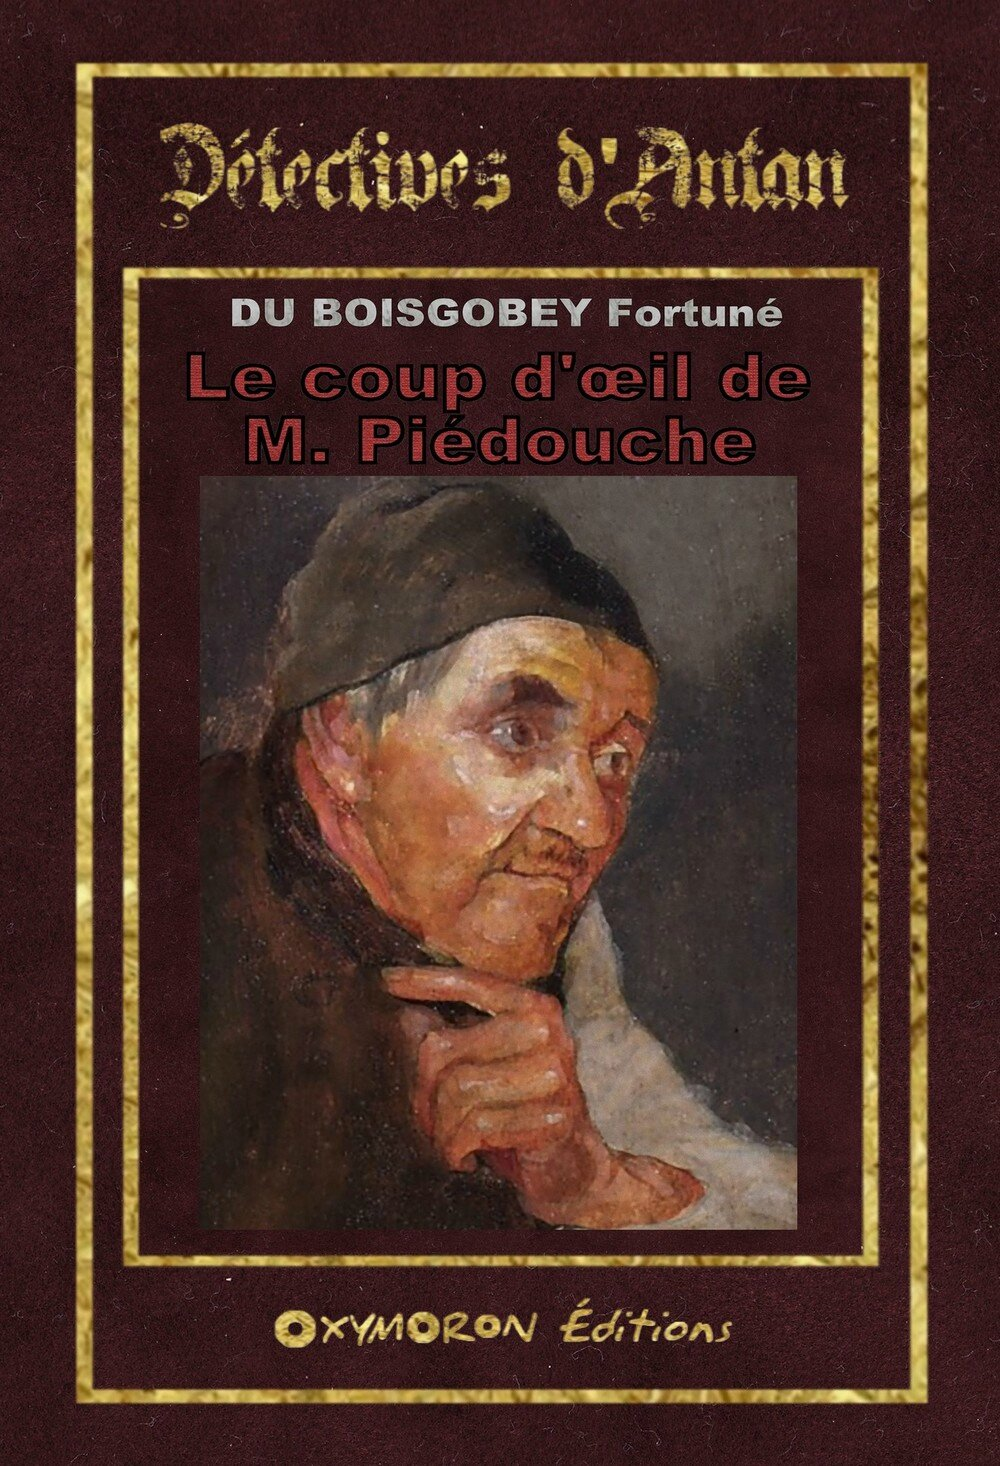 LE COUP D'OEIL DE M. PIEDOUCHE - DU BOISGOBEY Fortuné